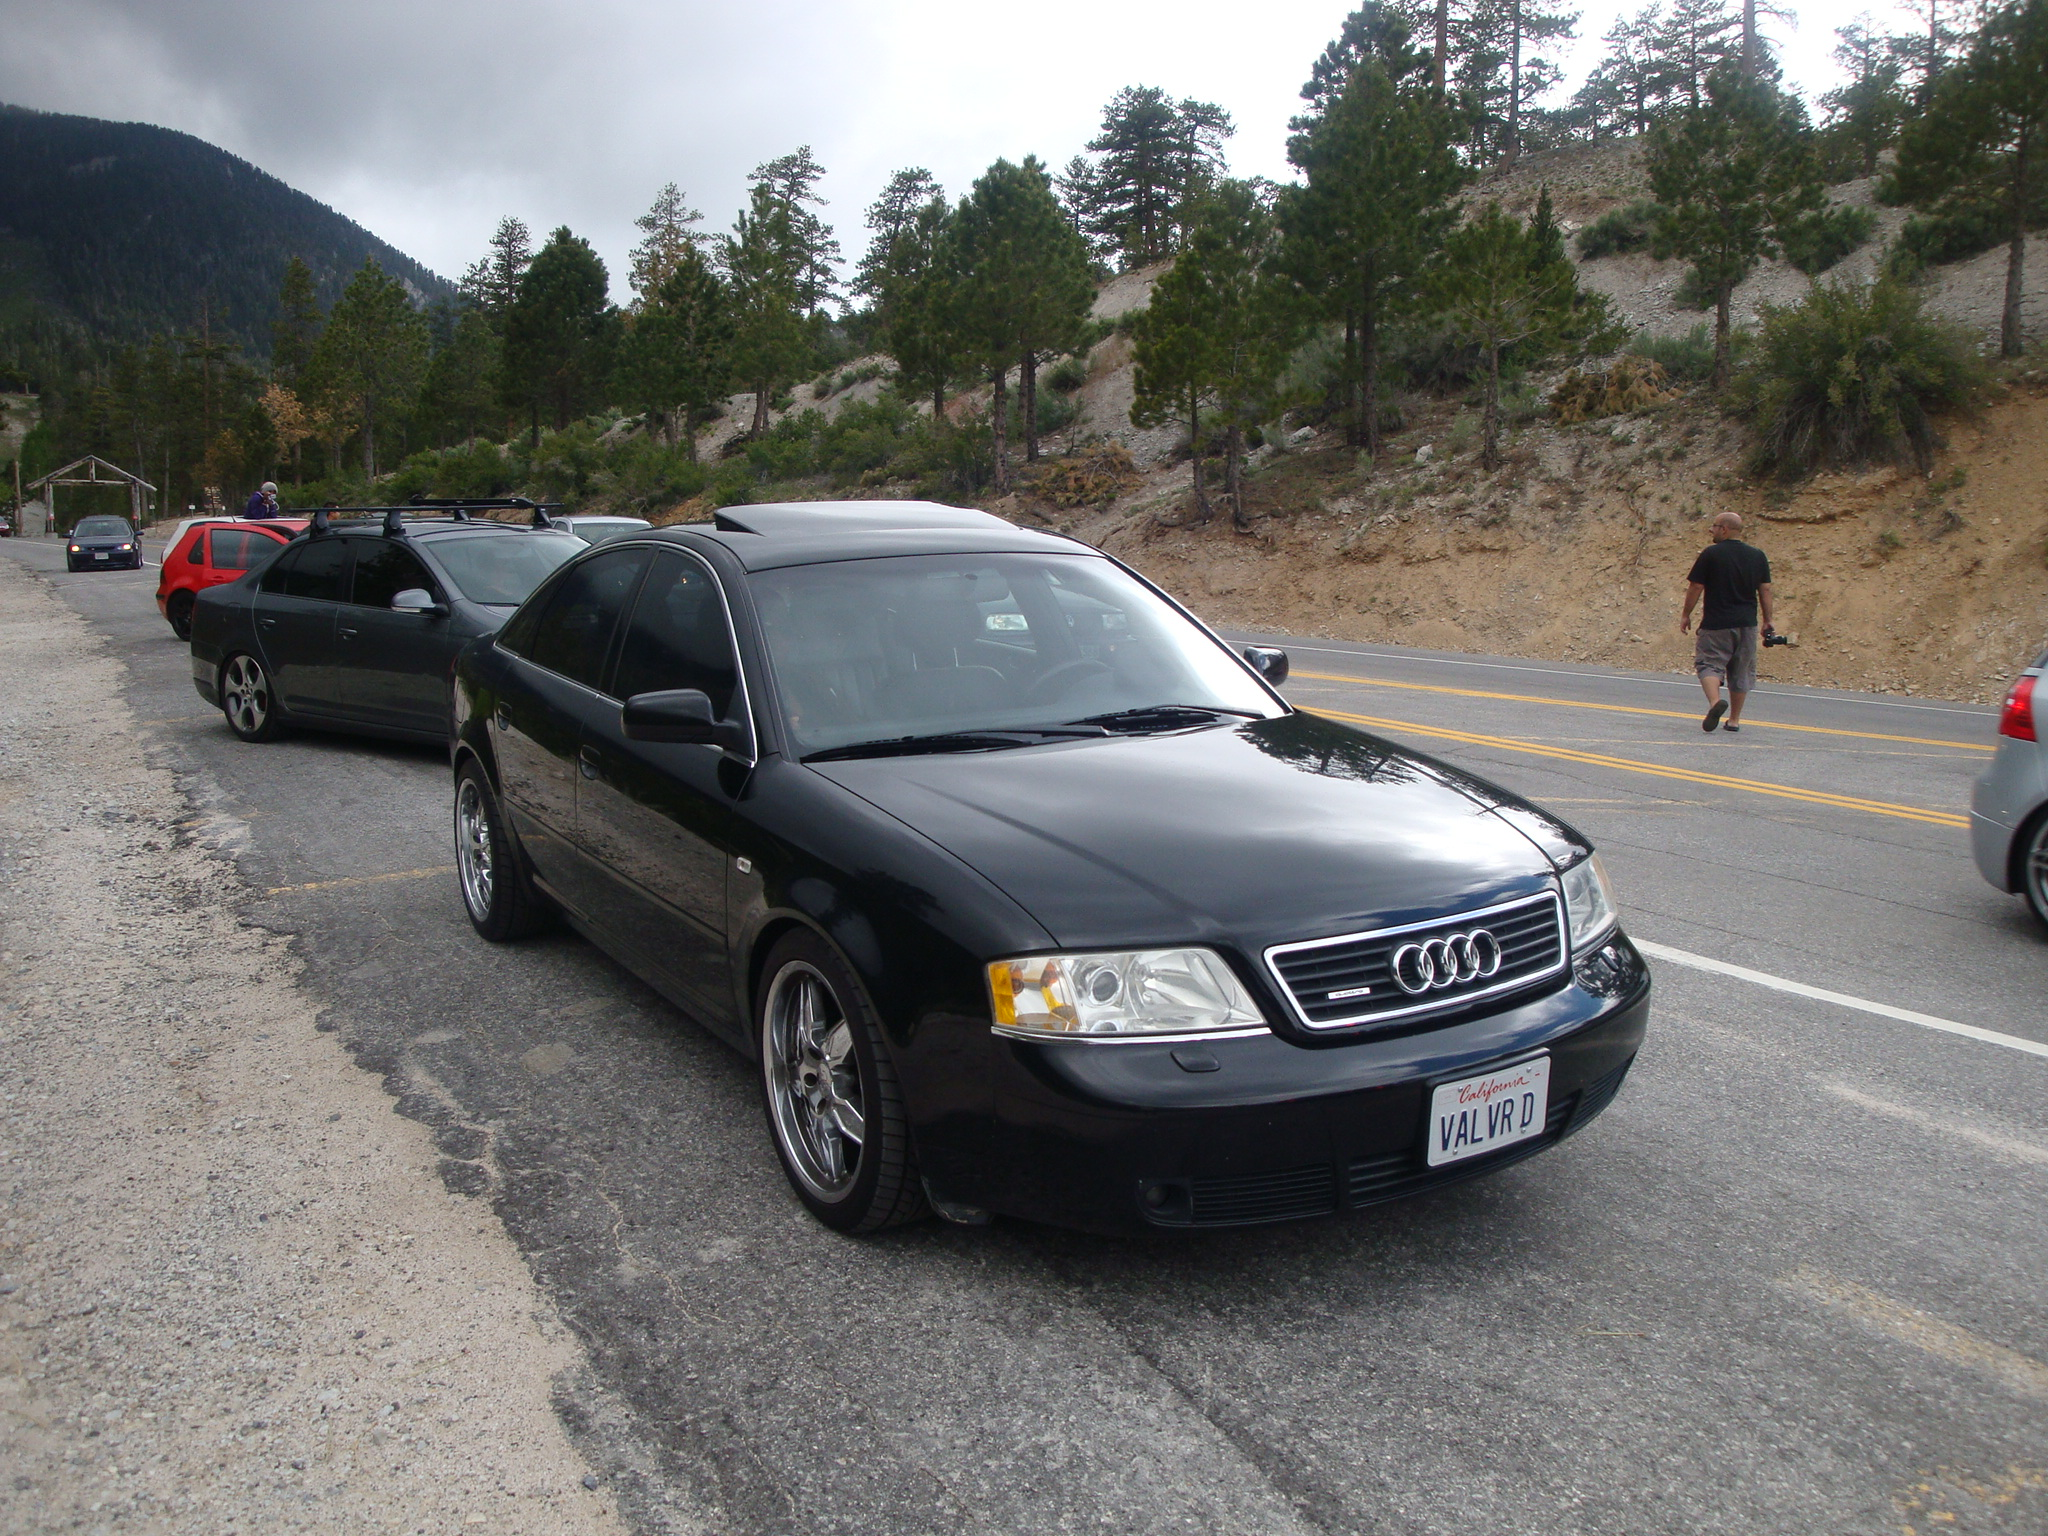 1999 Audi A6 #12 Audi A6 #12